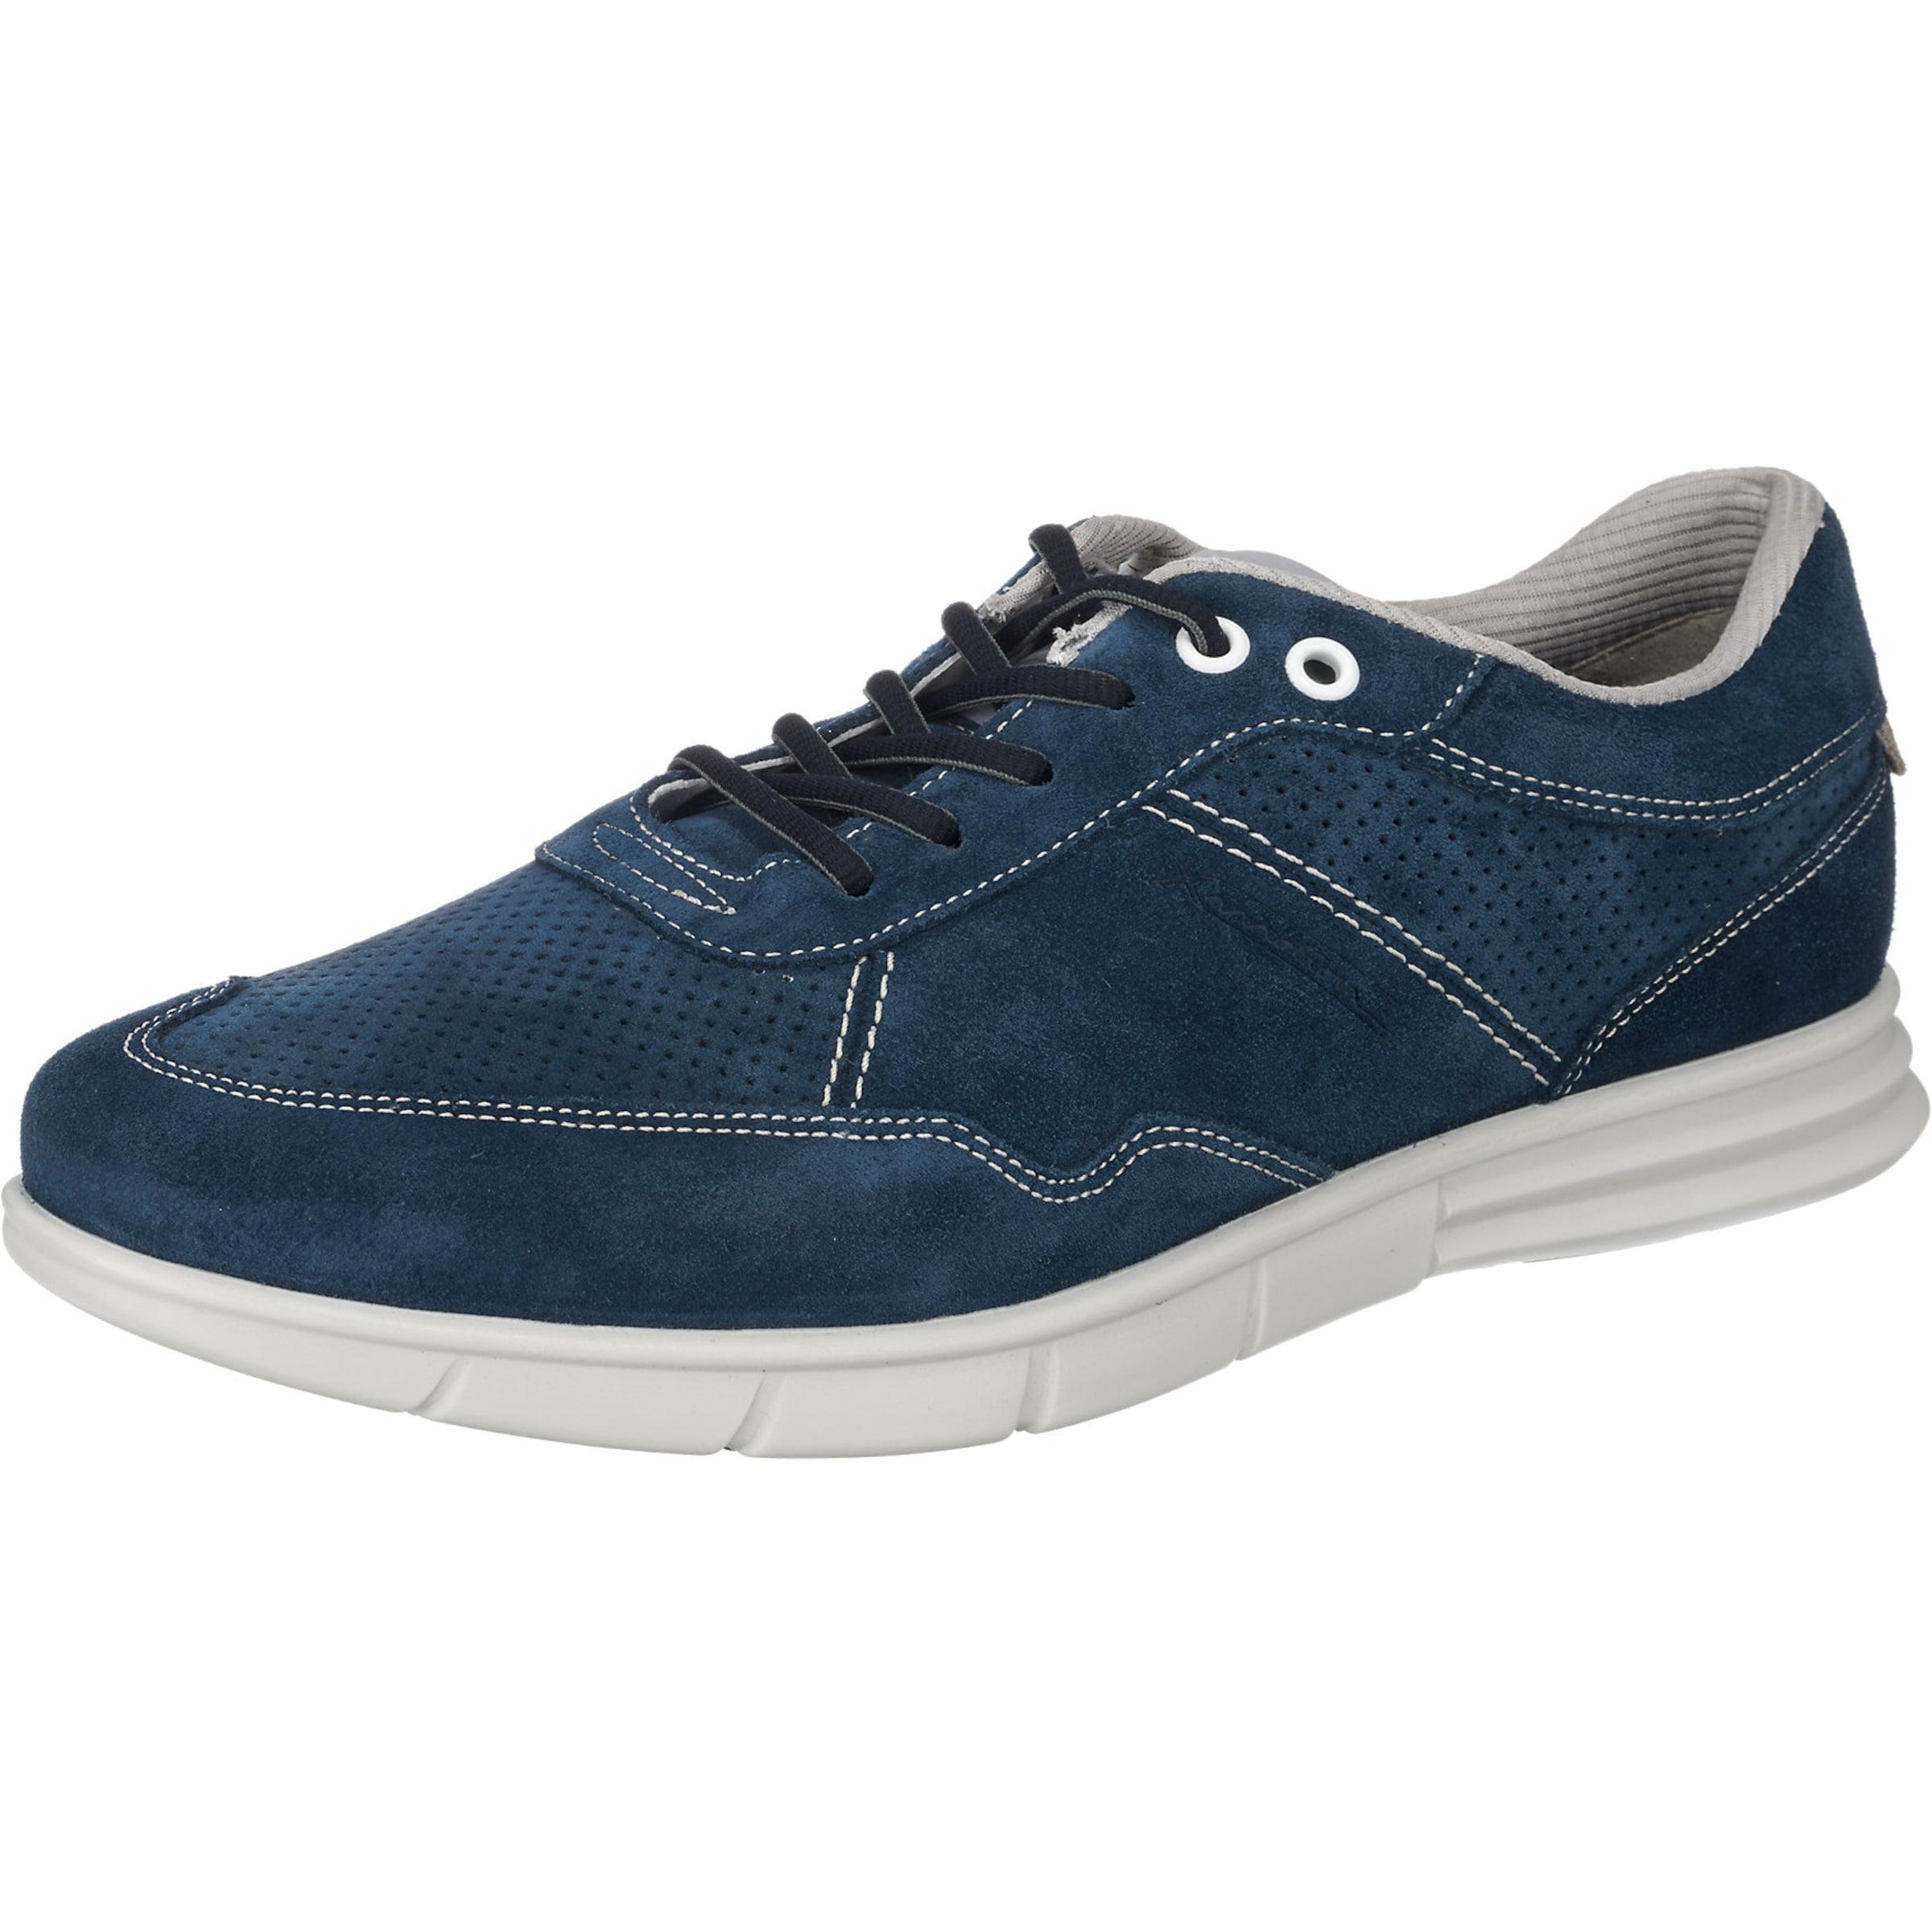 LLOYD ADLAI Sneakers Low Günstige und langlebige Schuhe